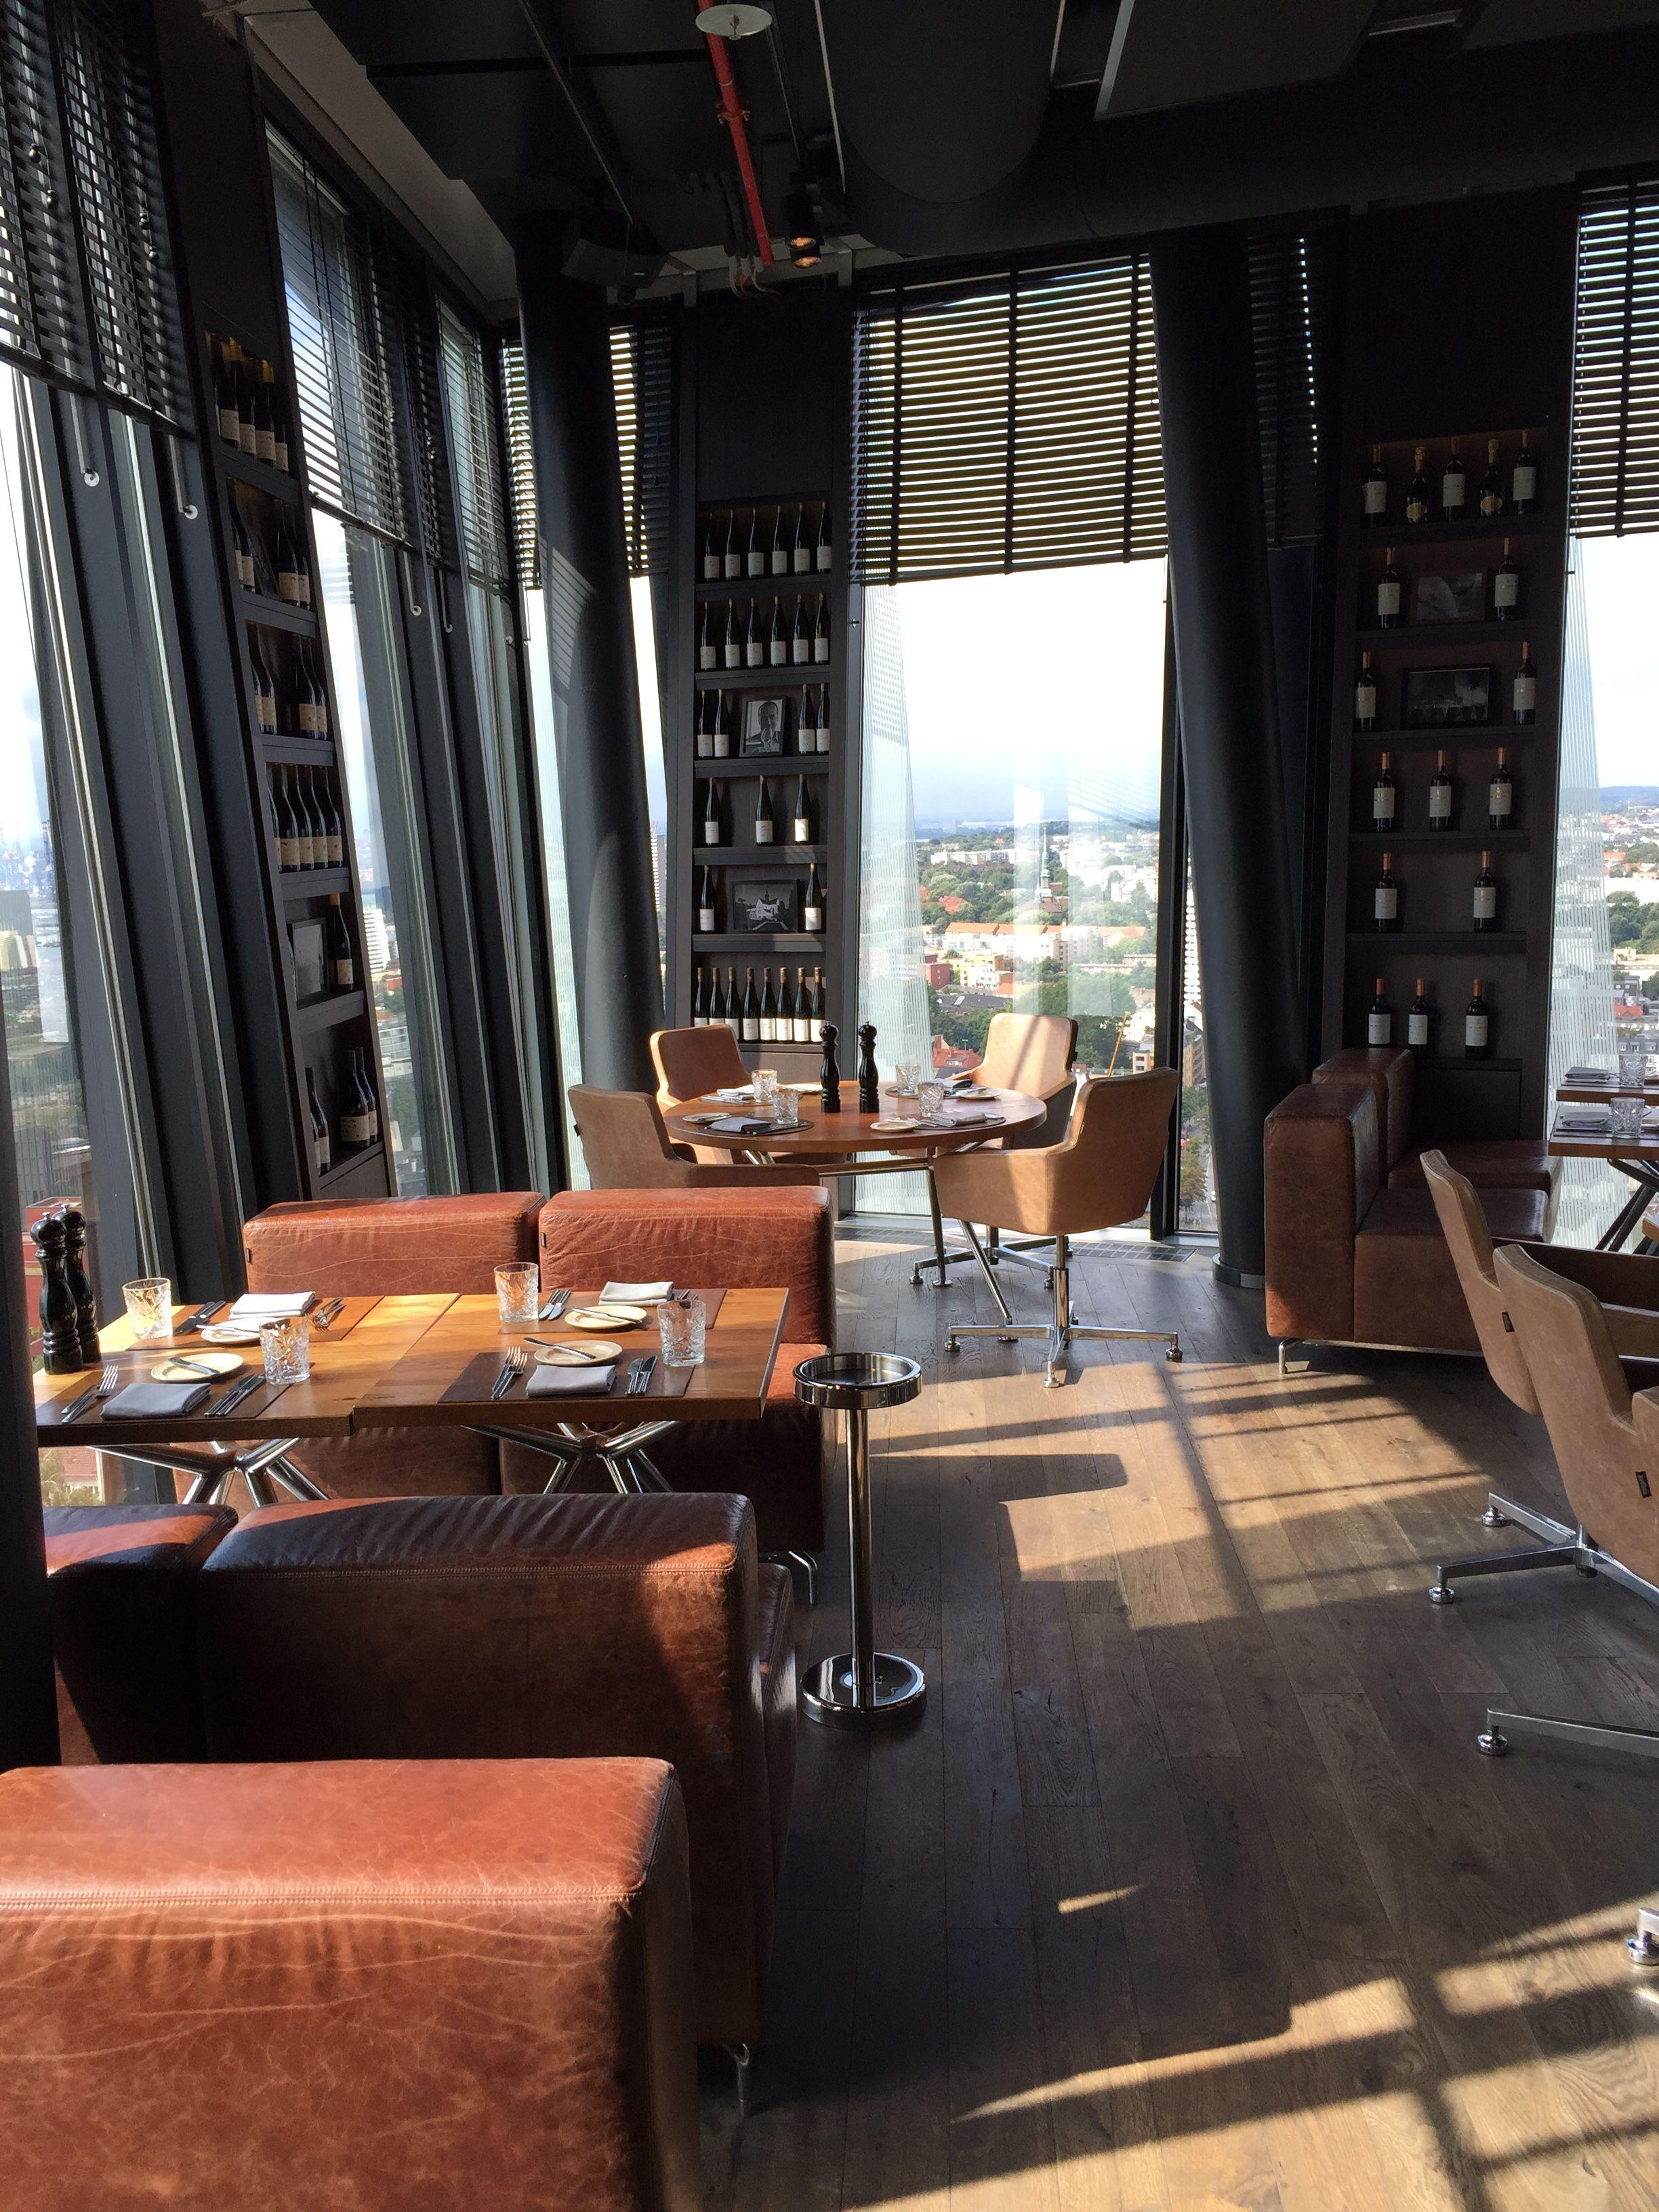 Clouds - Lounge, Restaurant & Bar in Hamburg: Das Restaurant mit Bar ...